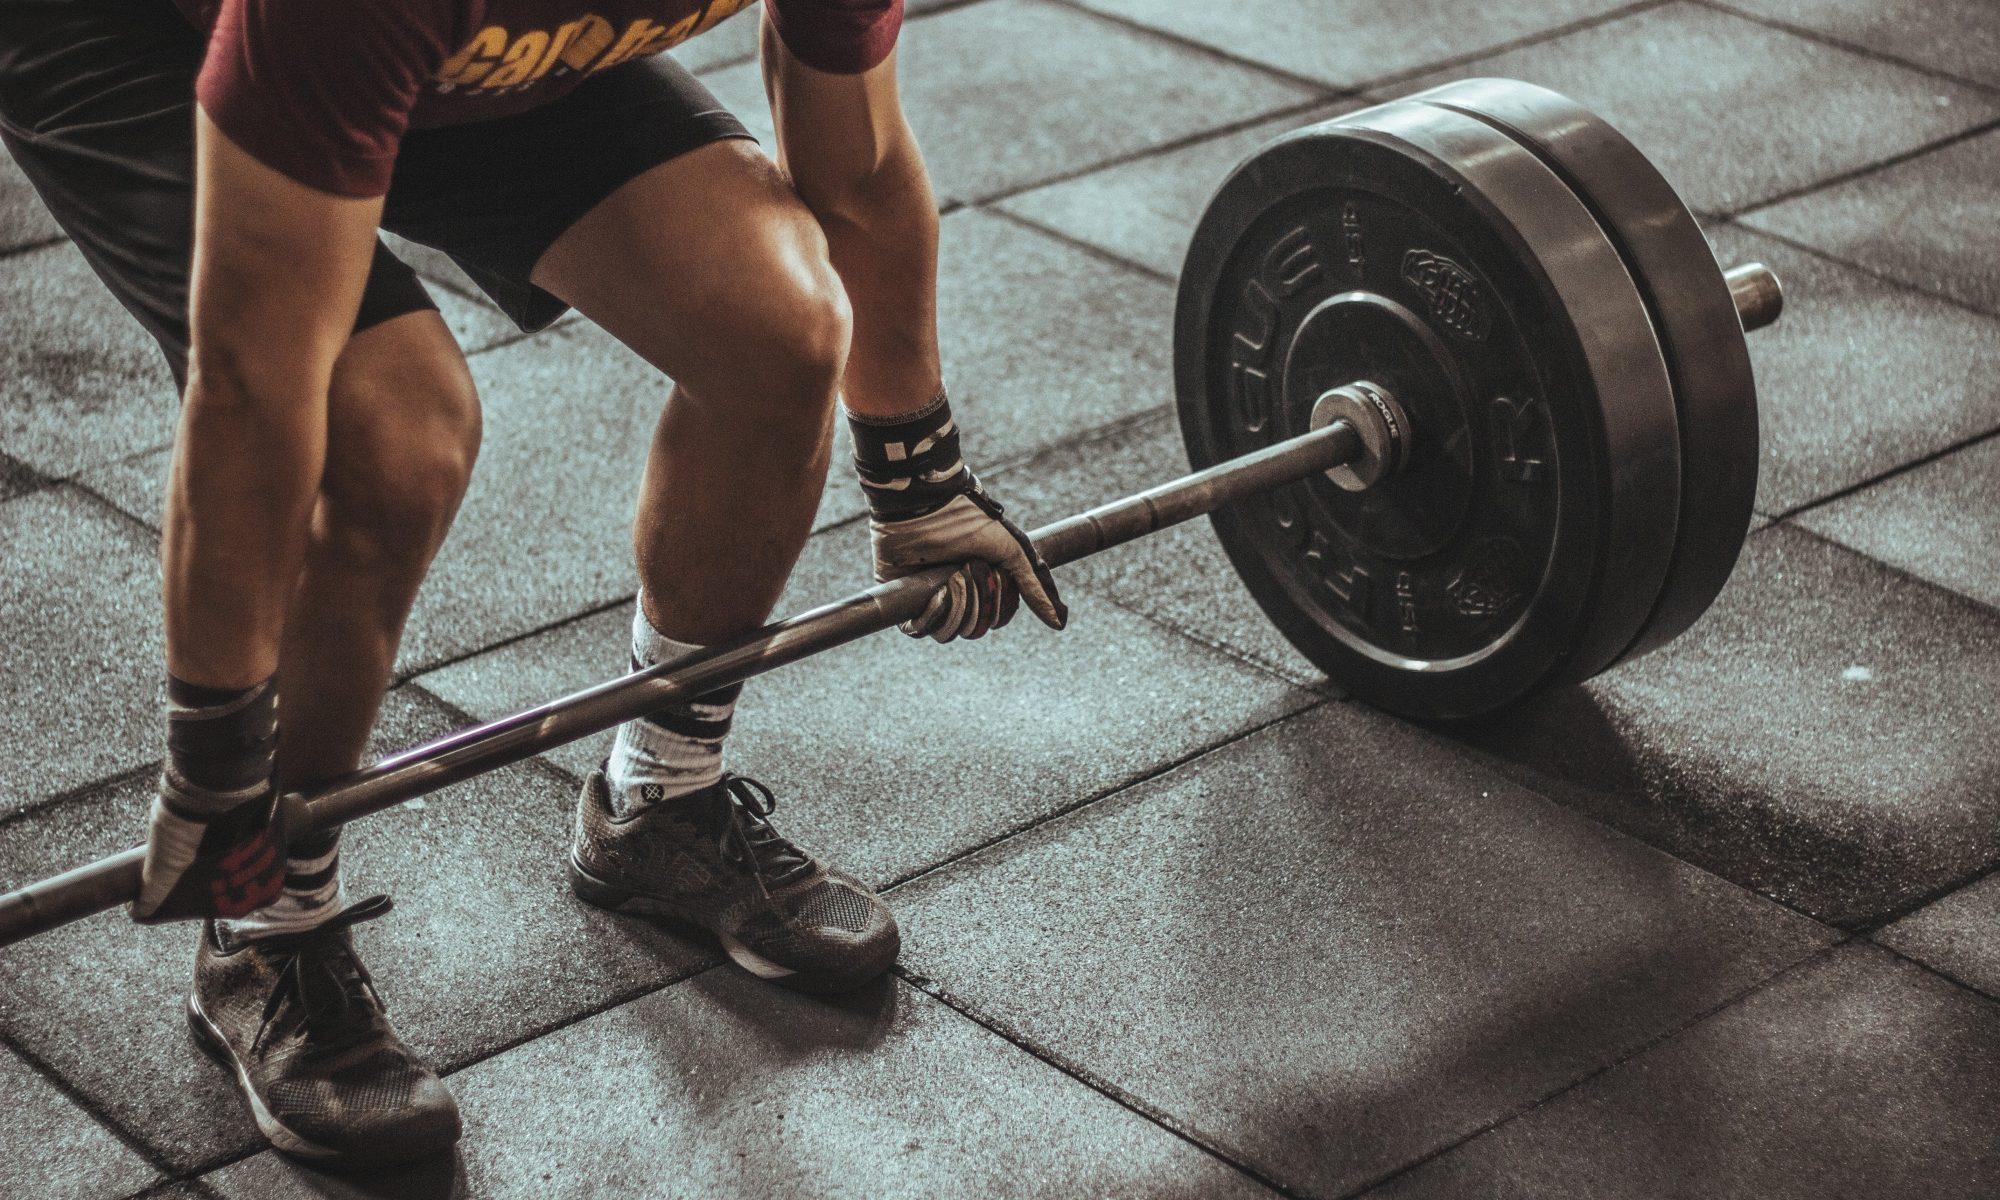 El Peso Muerto Con Barra nos permite manejar mayores cargas durante el ejercicio.